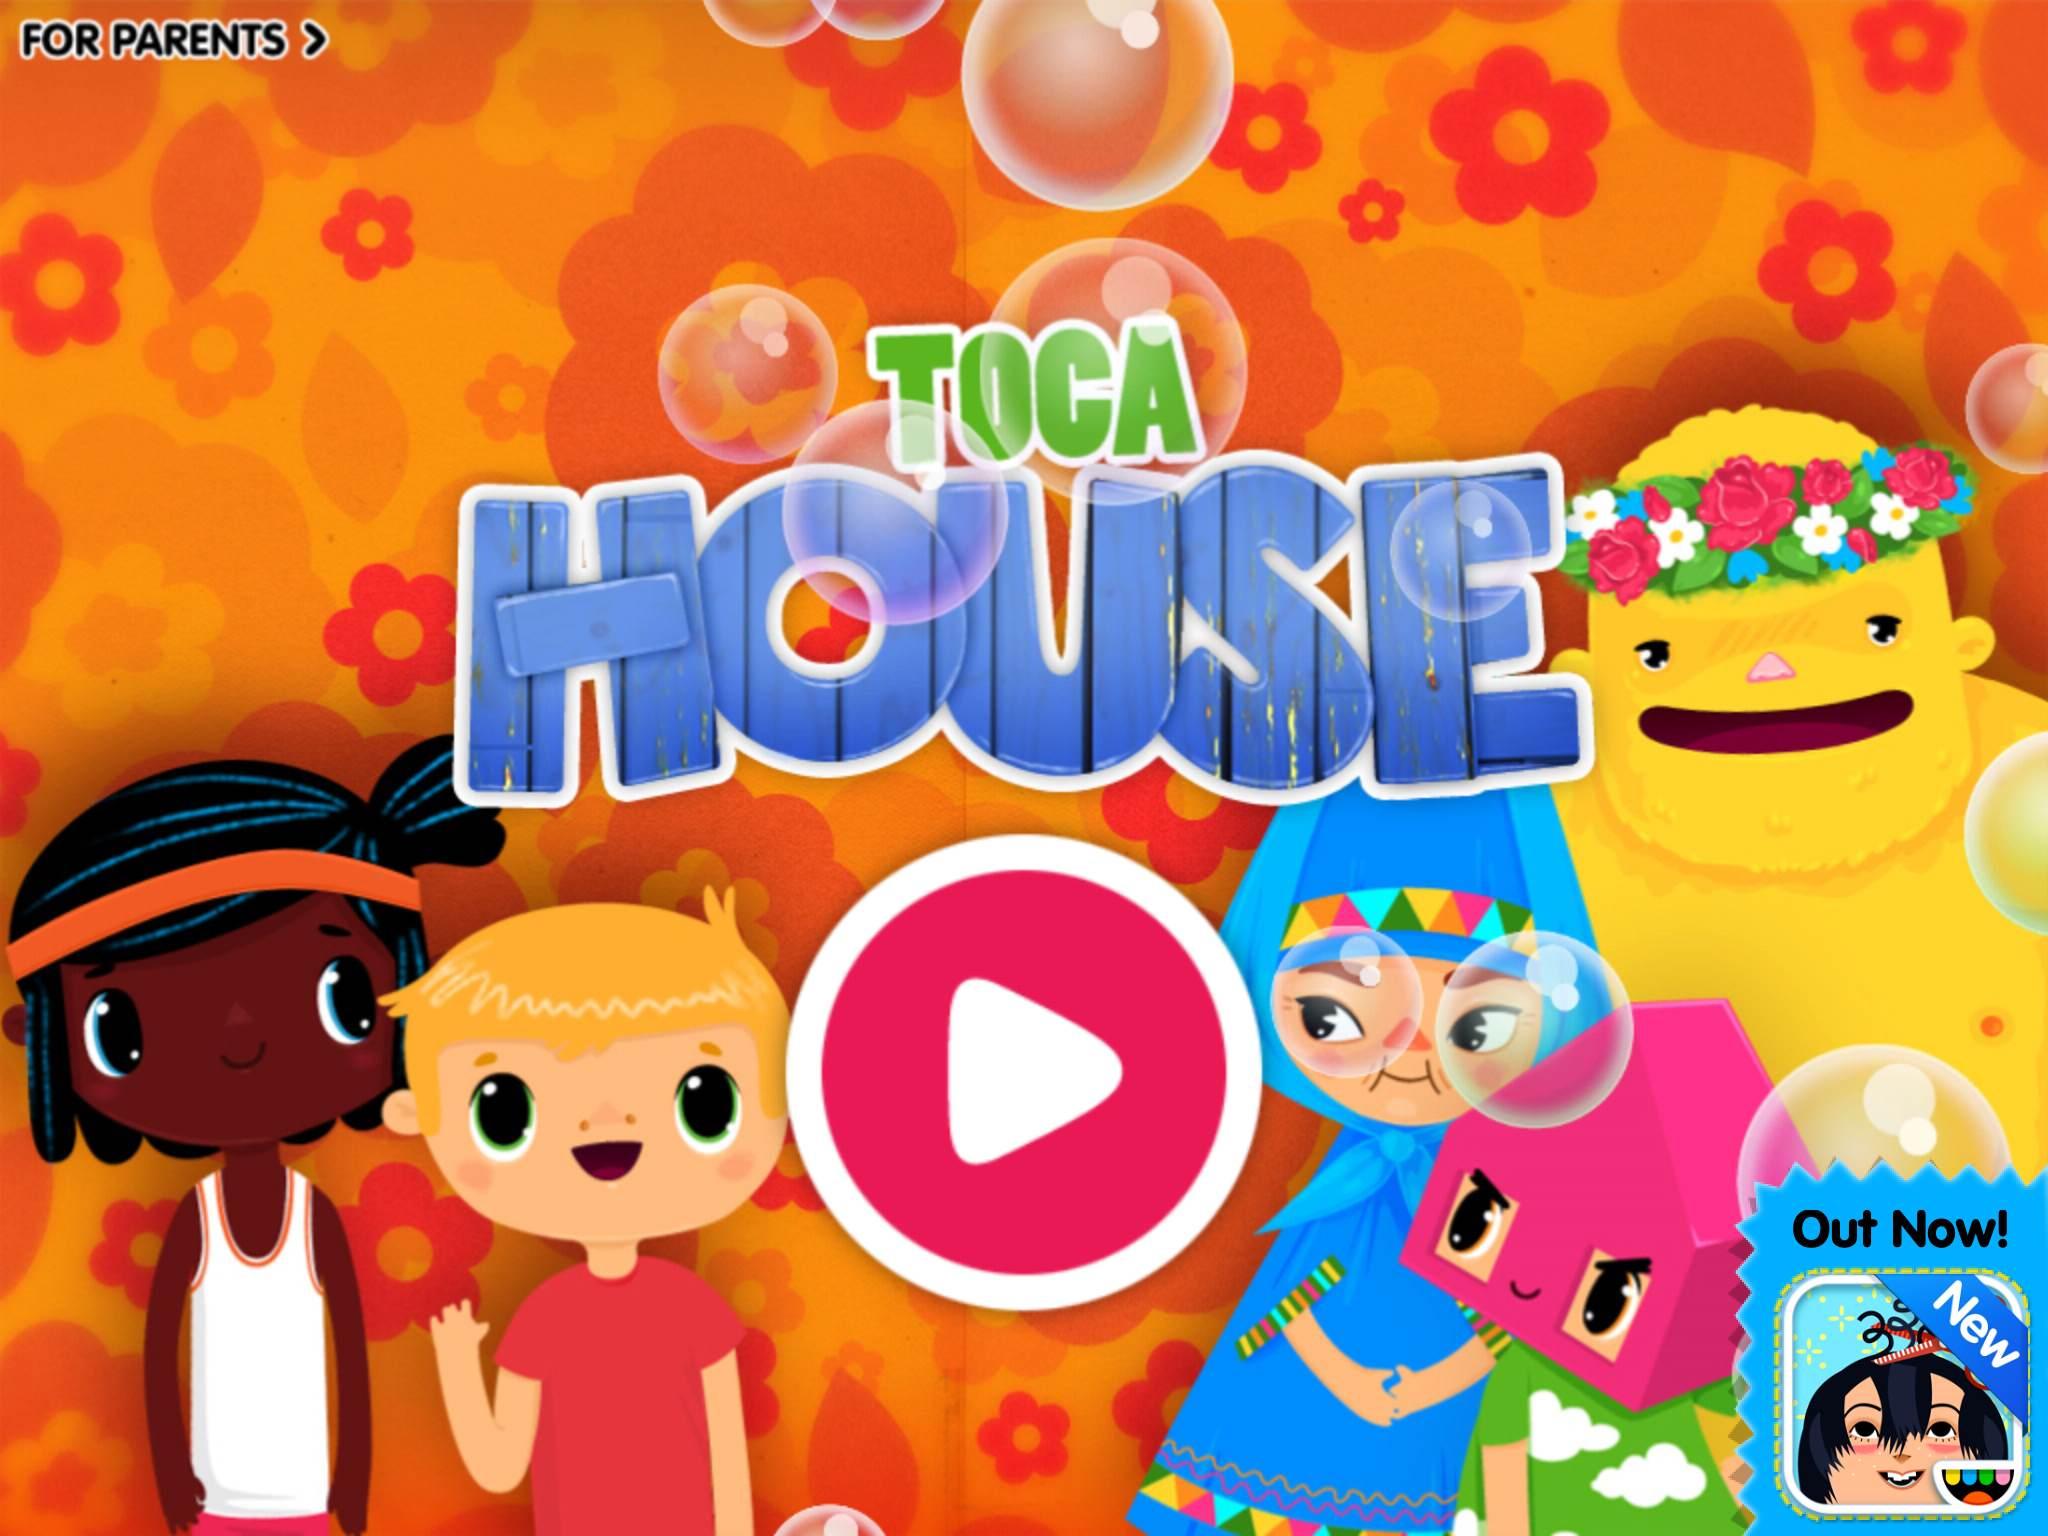 Toca House : Jeux D'imitation Pour Les Plus Petits ⋆ La encequiconcerne Telecharger Jeux Enfant